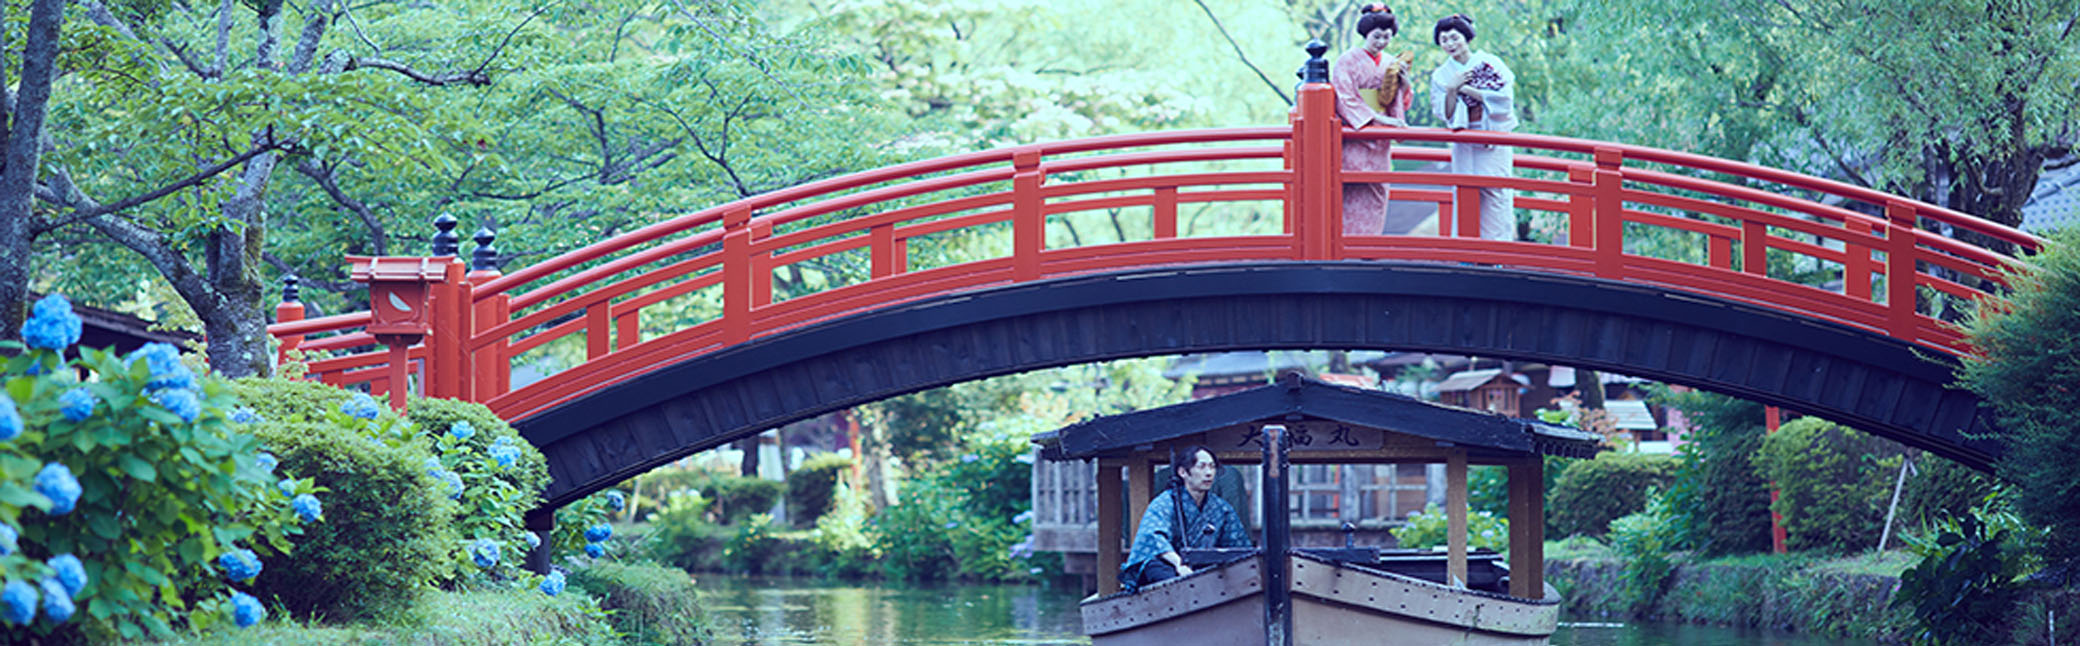 นิกโก้ บัตรเข้าสวนสนุกเอโดะ วันเดอร์แลนด์ (Edo Wonderland) Nikko Japan ญี่ปุ่น